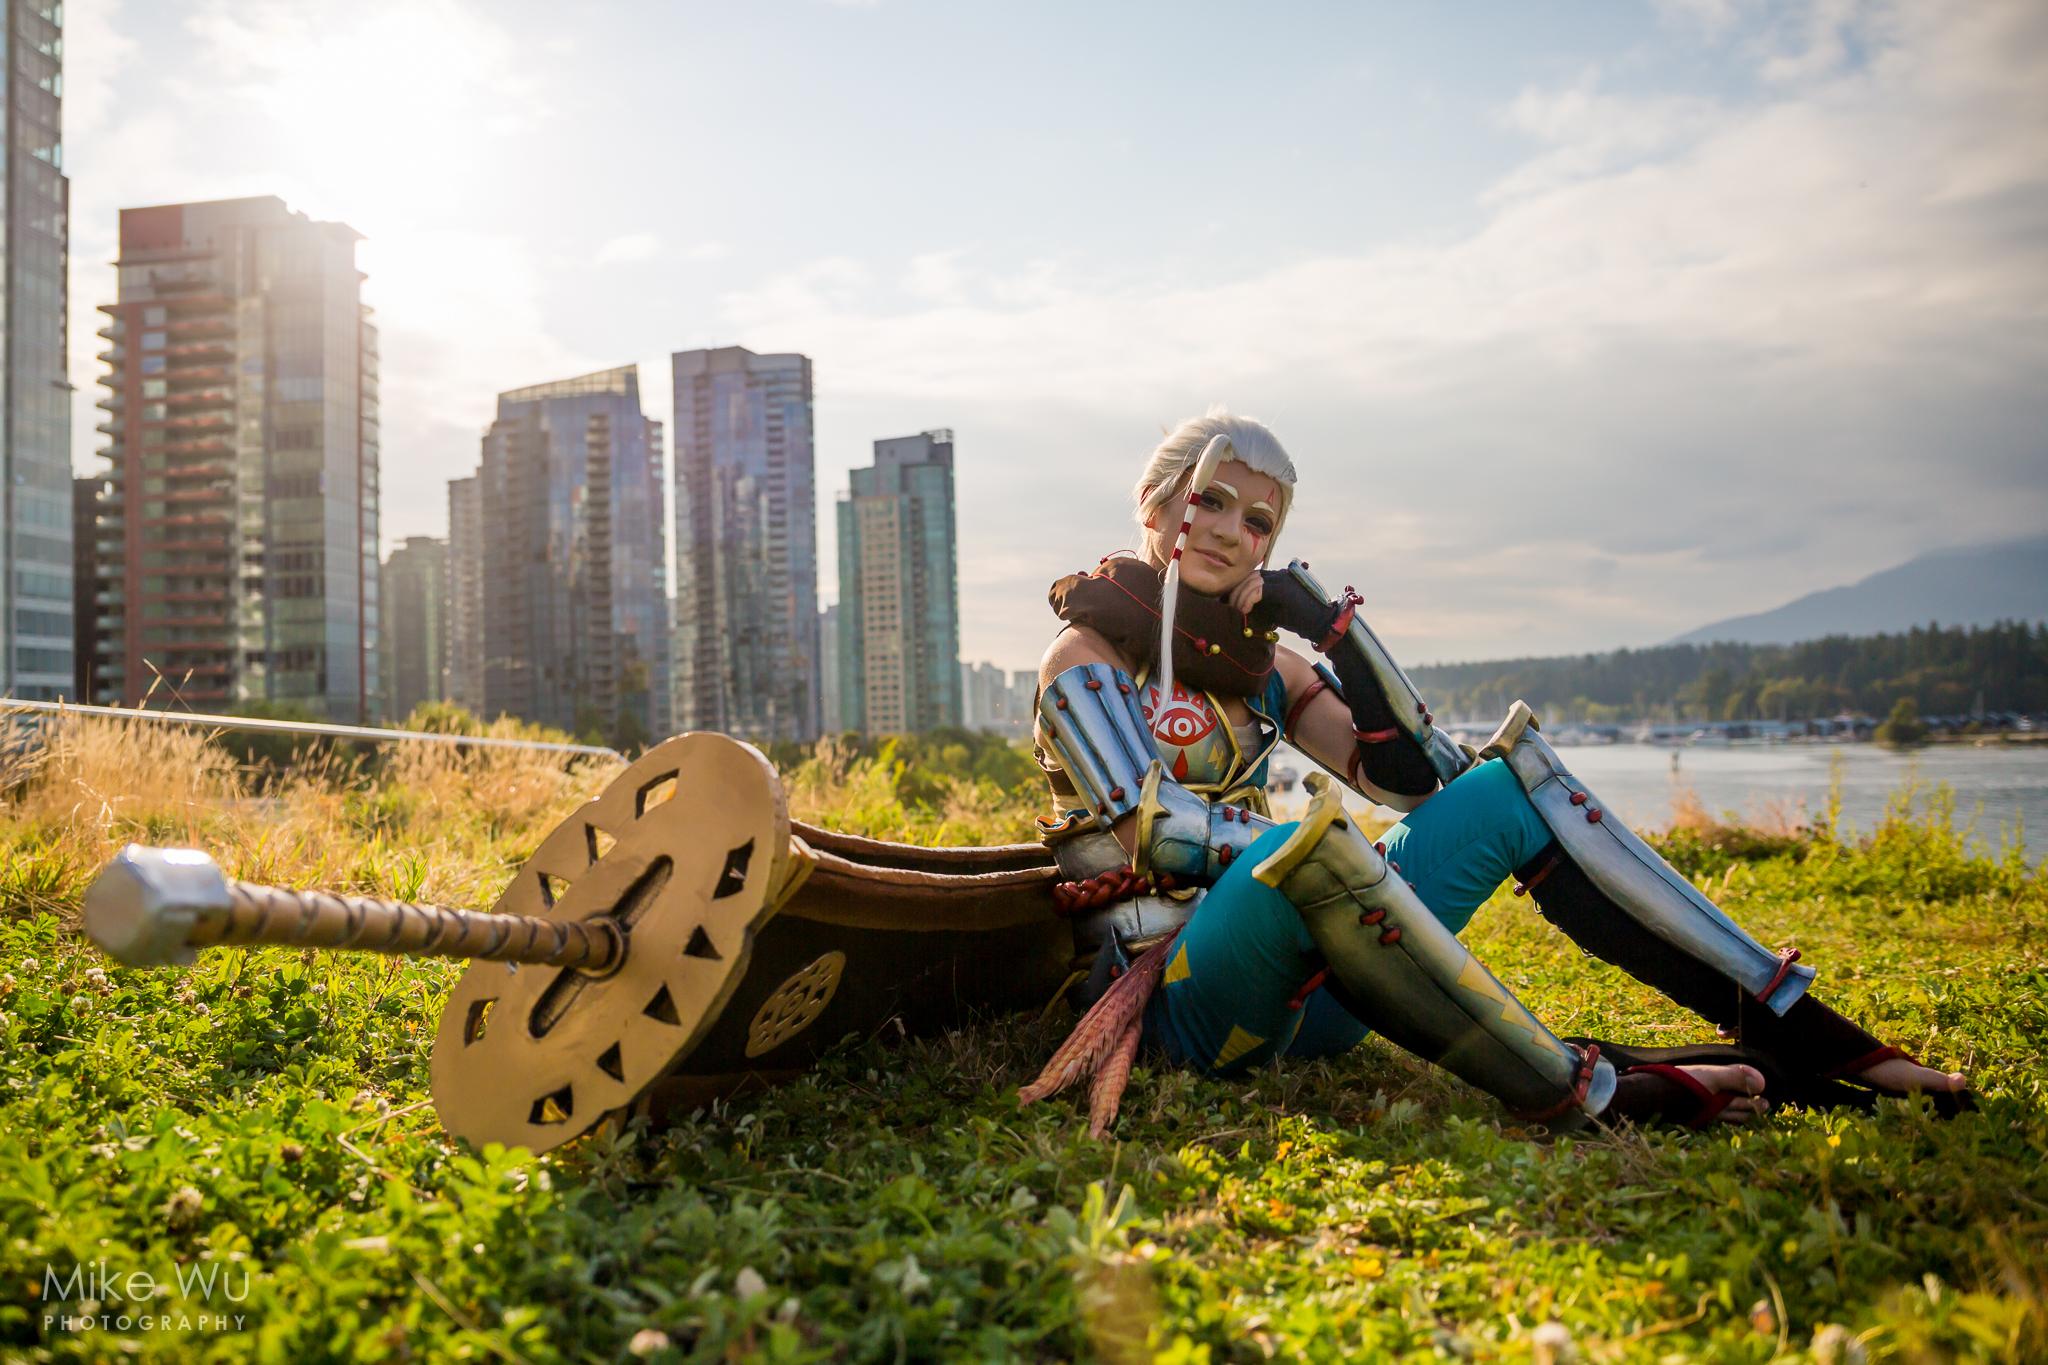 cosplay, Impa, legend of zelda, sword